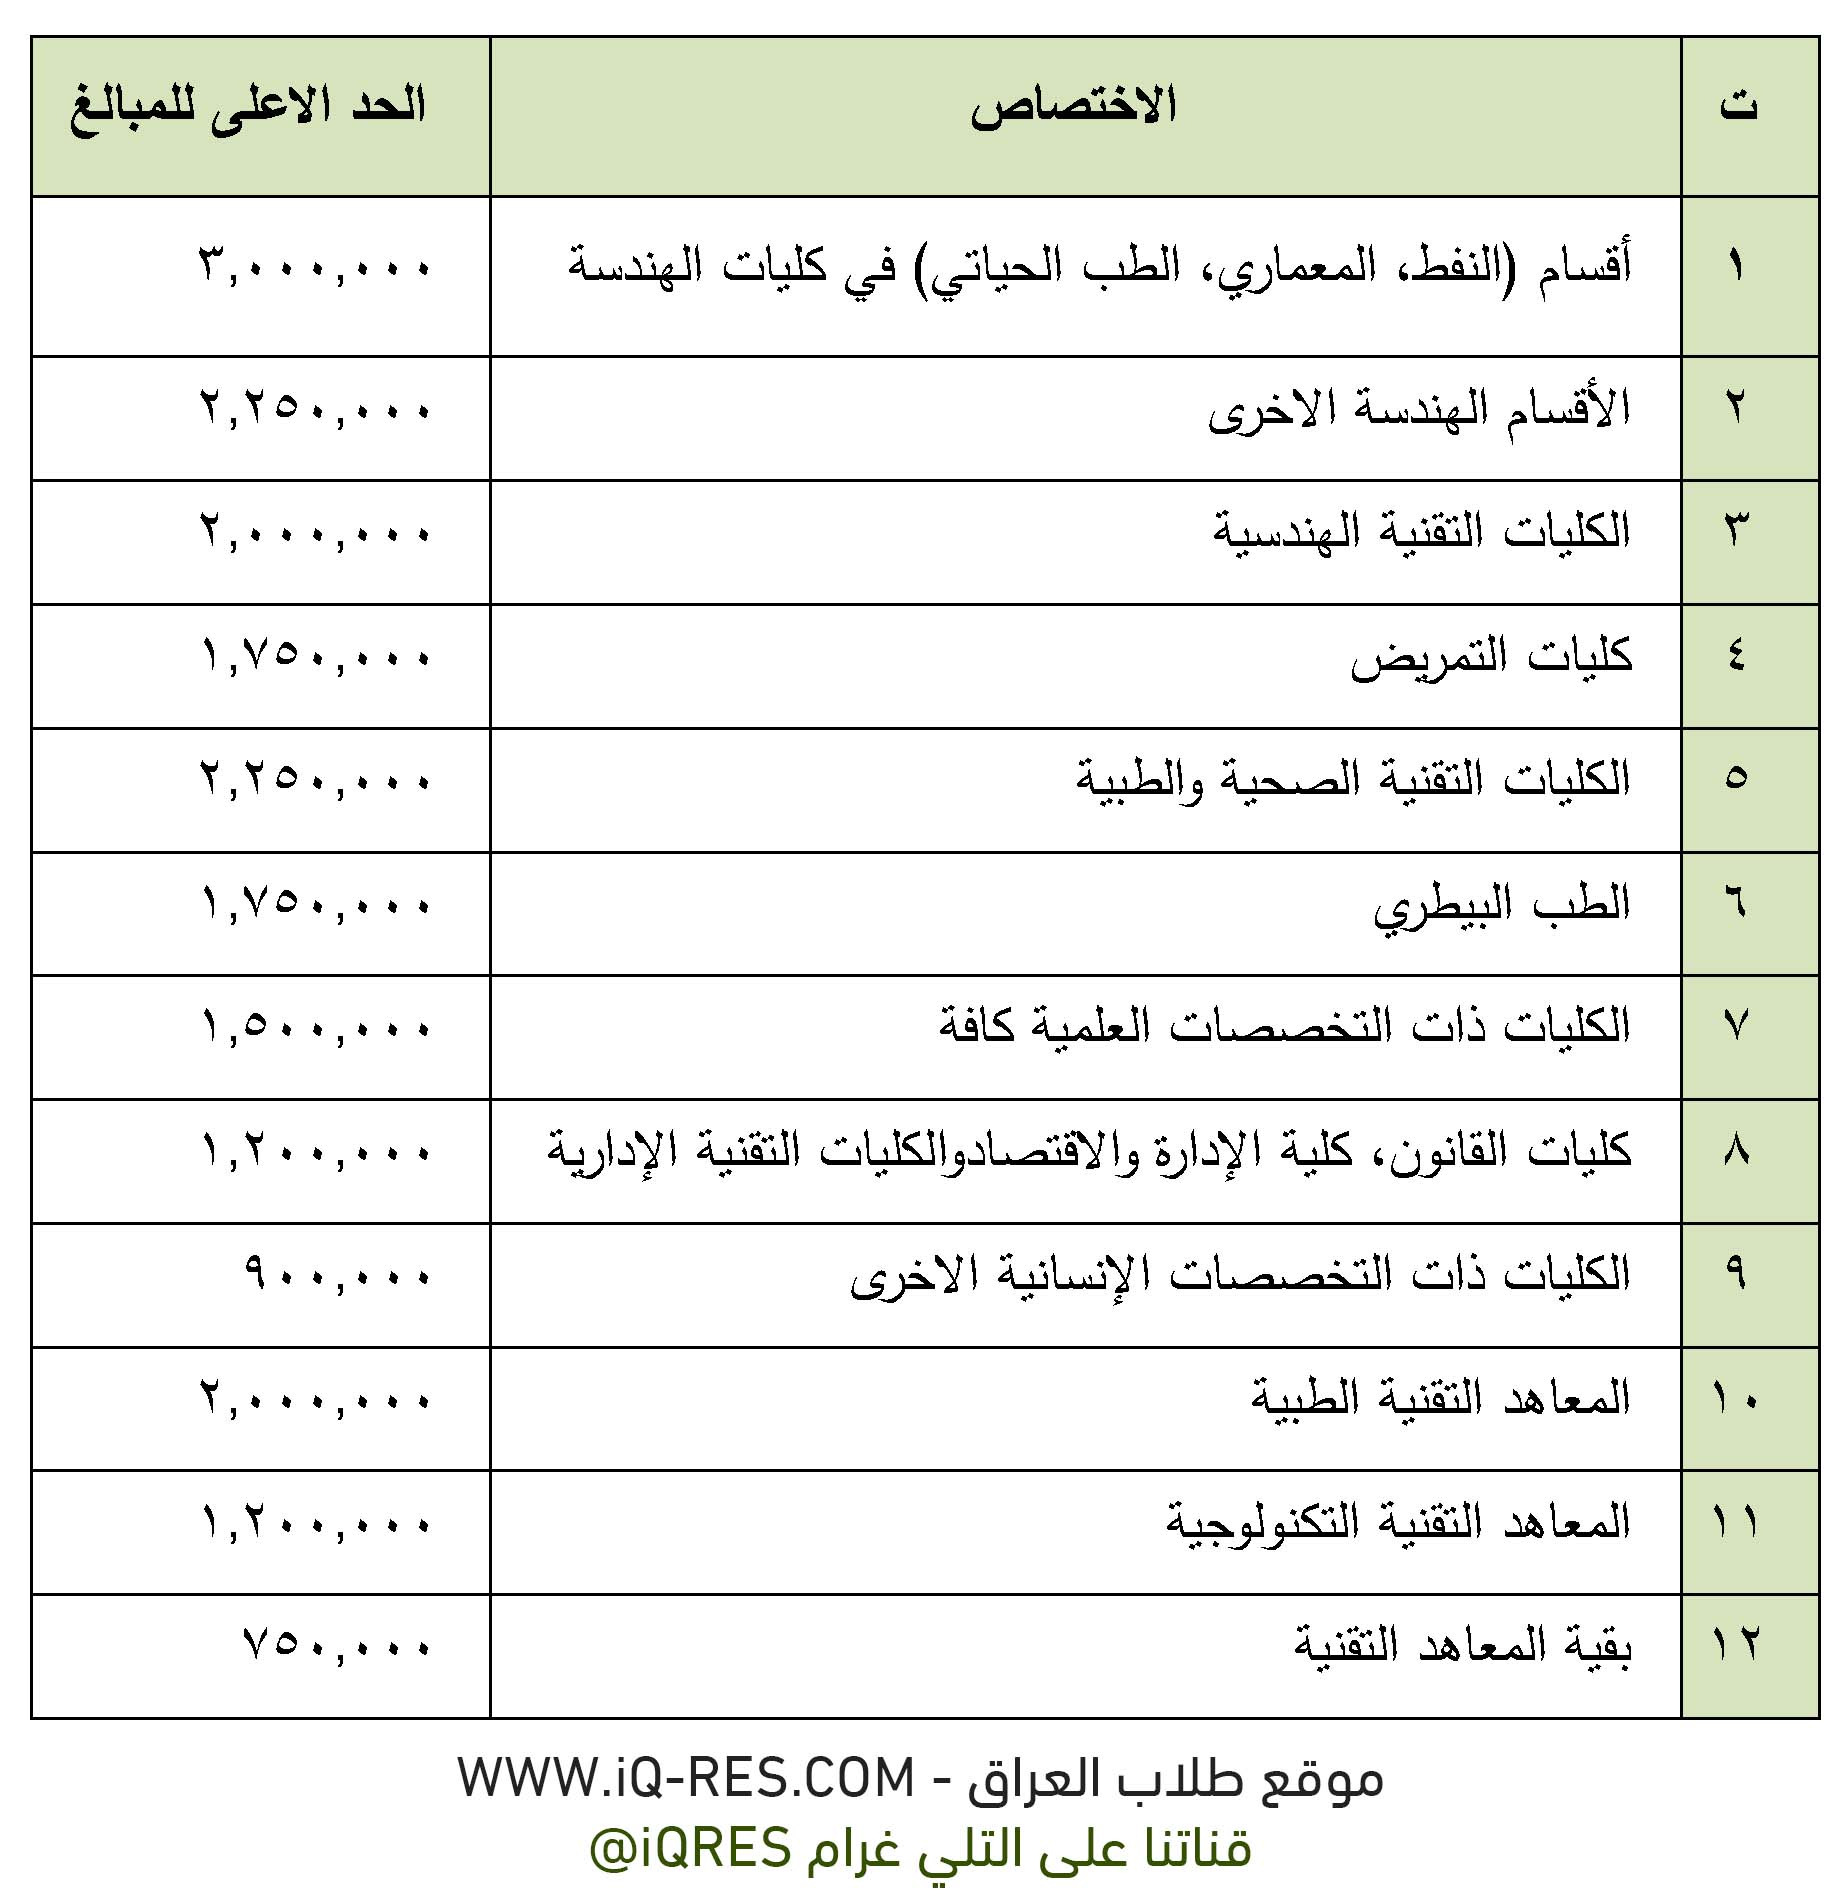 الاجور الدراسية للدراسة المسائية 2020-2021 للجامعات الحكومية في العراق %25D8%25A7%25D8%25AC%25D9%2588%25D8%25B1%2B%25D8%25A7%25D9%2584%25D9%2585%25D8%25B3%25D8%25A7%25D8%25A6%25D9%258A%2B1